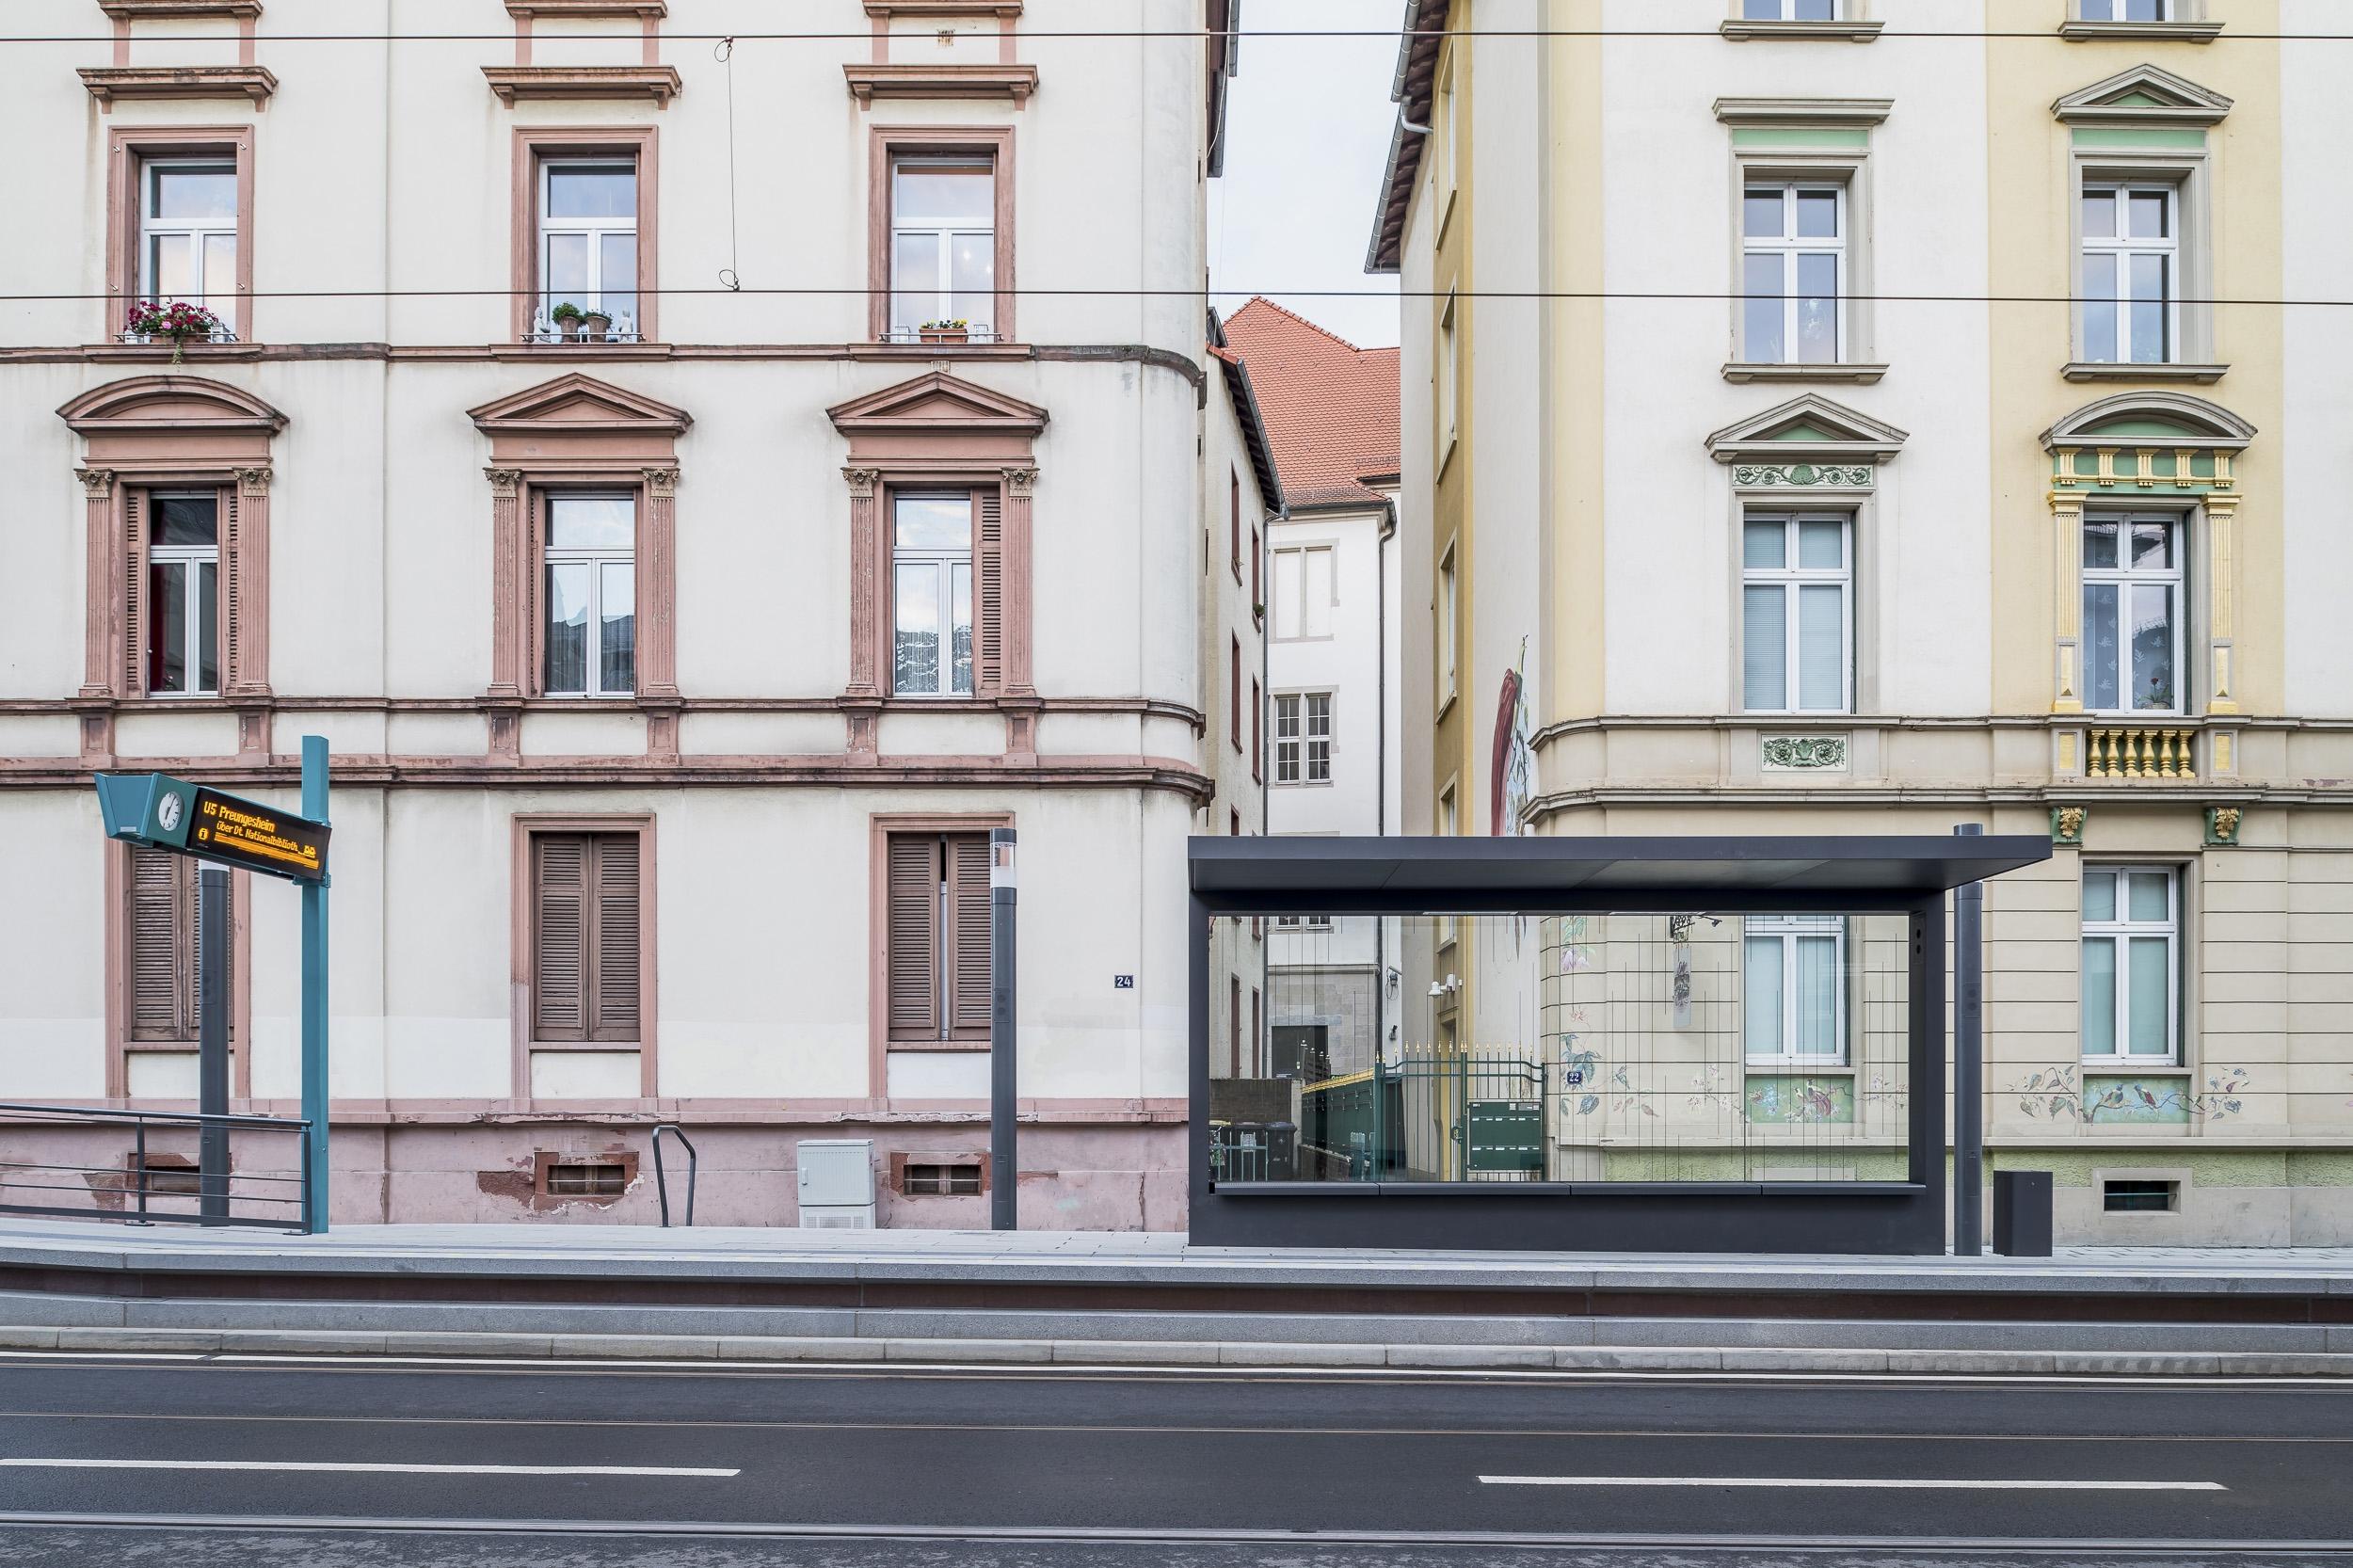 Projekt Haltestelle Musterschule Für Die Stadtbahncompetitionline